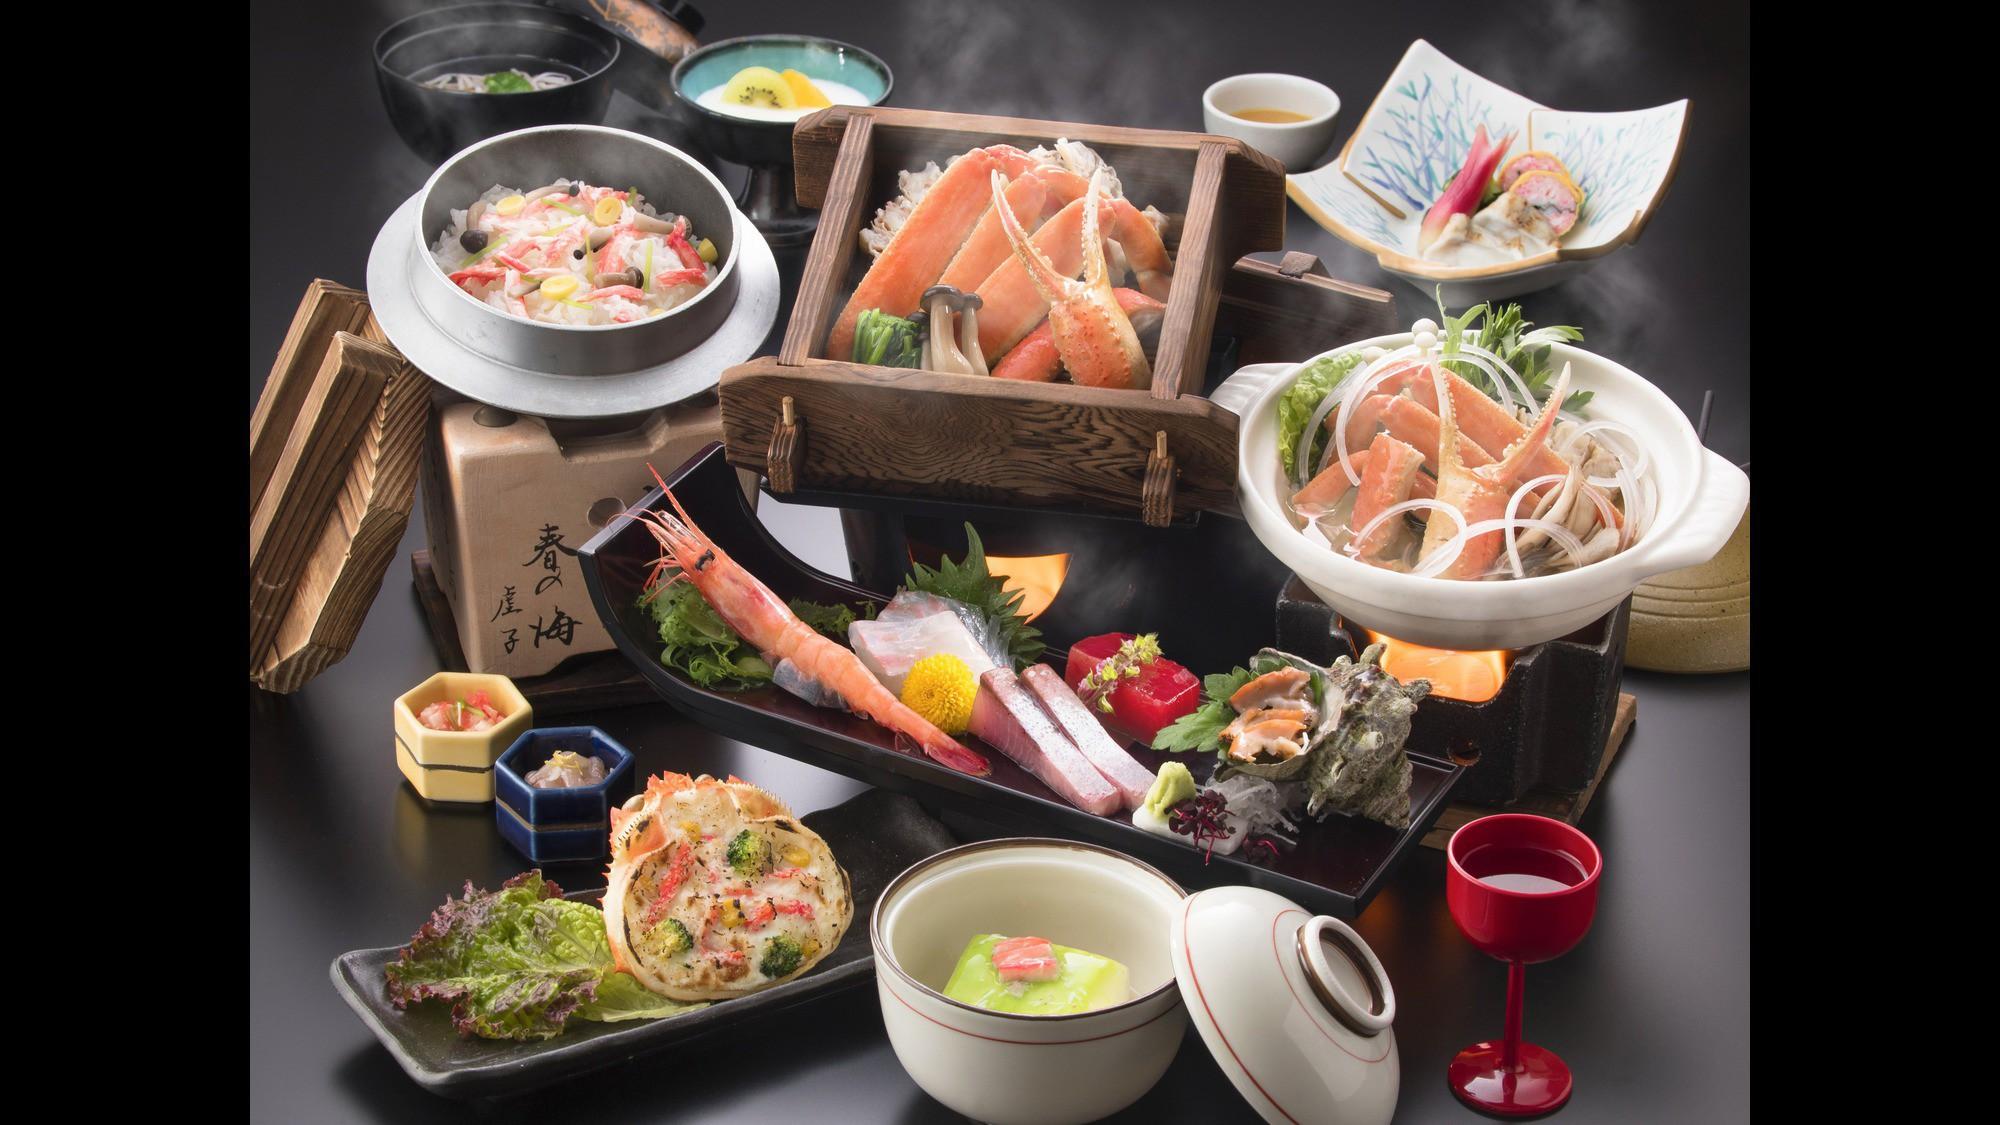 【北陸で味わう贅沢蟹三昧】幅広い料理法で蟹を味わう蟹満喫プラン